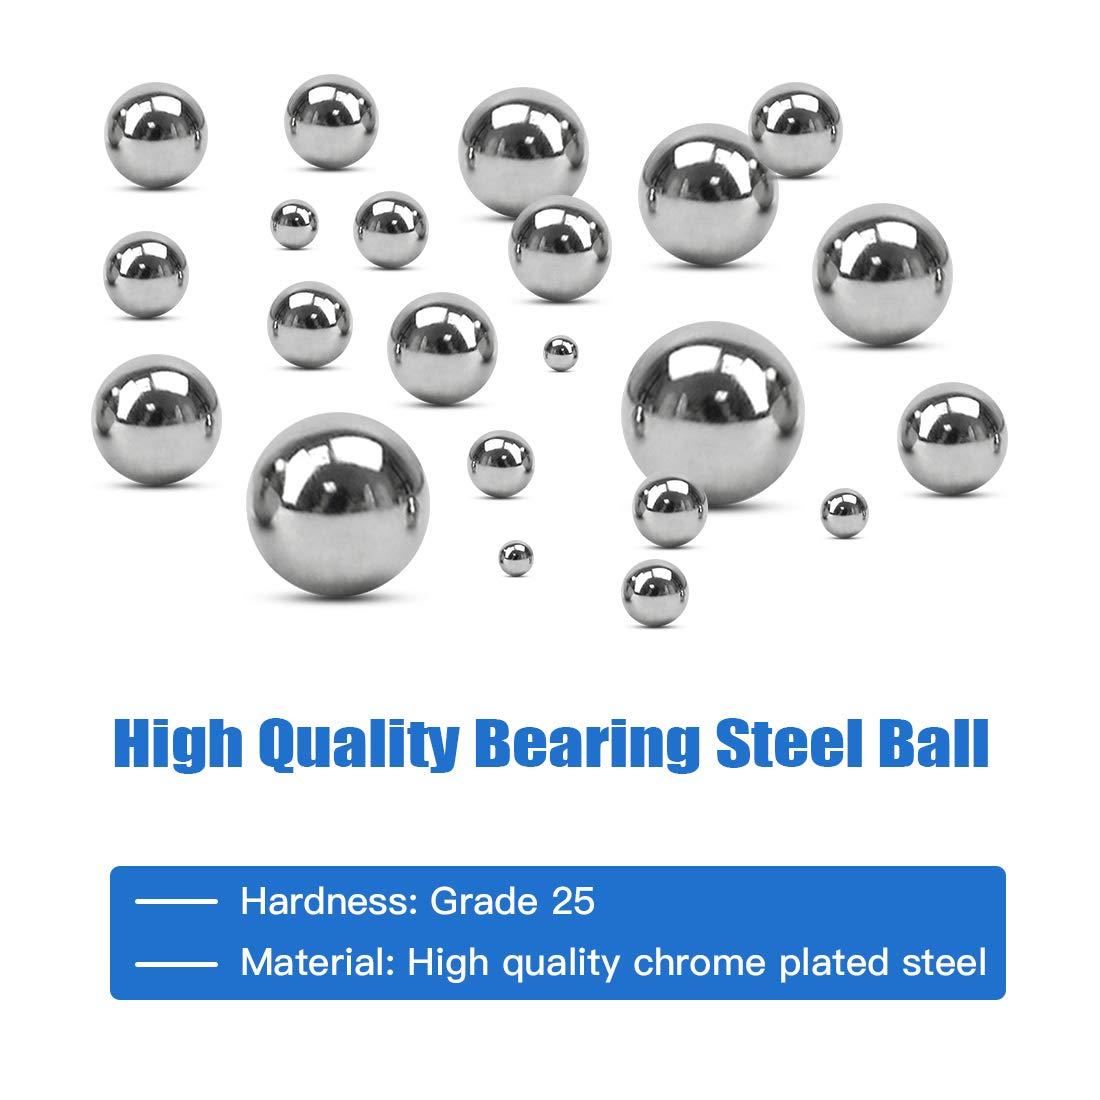 50 PCS 304 Stainless Steel Loose Bearing Balls G100 Bearings Ball 3.5mm